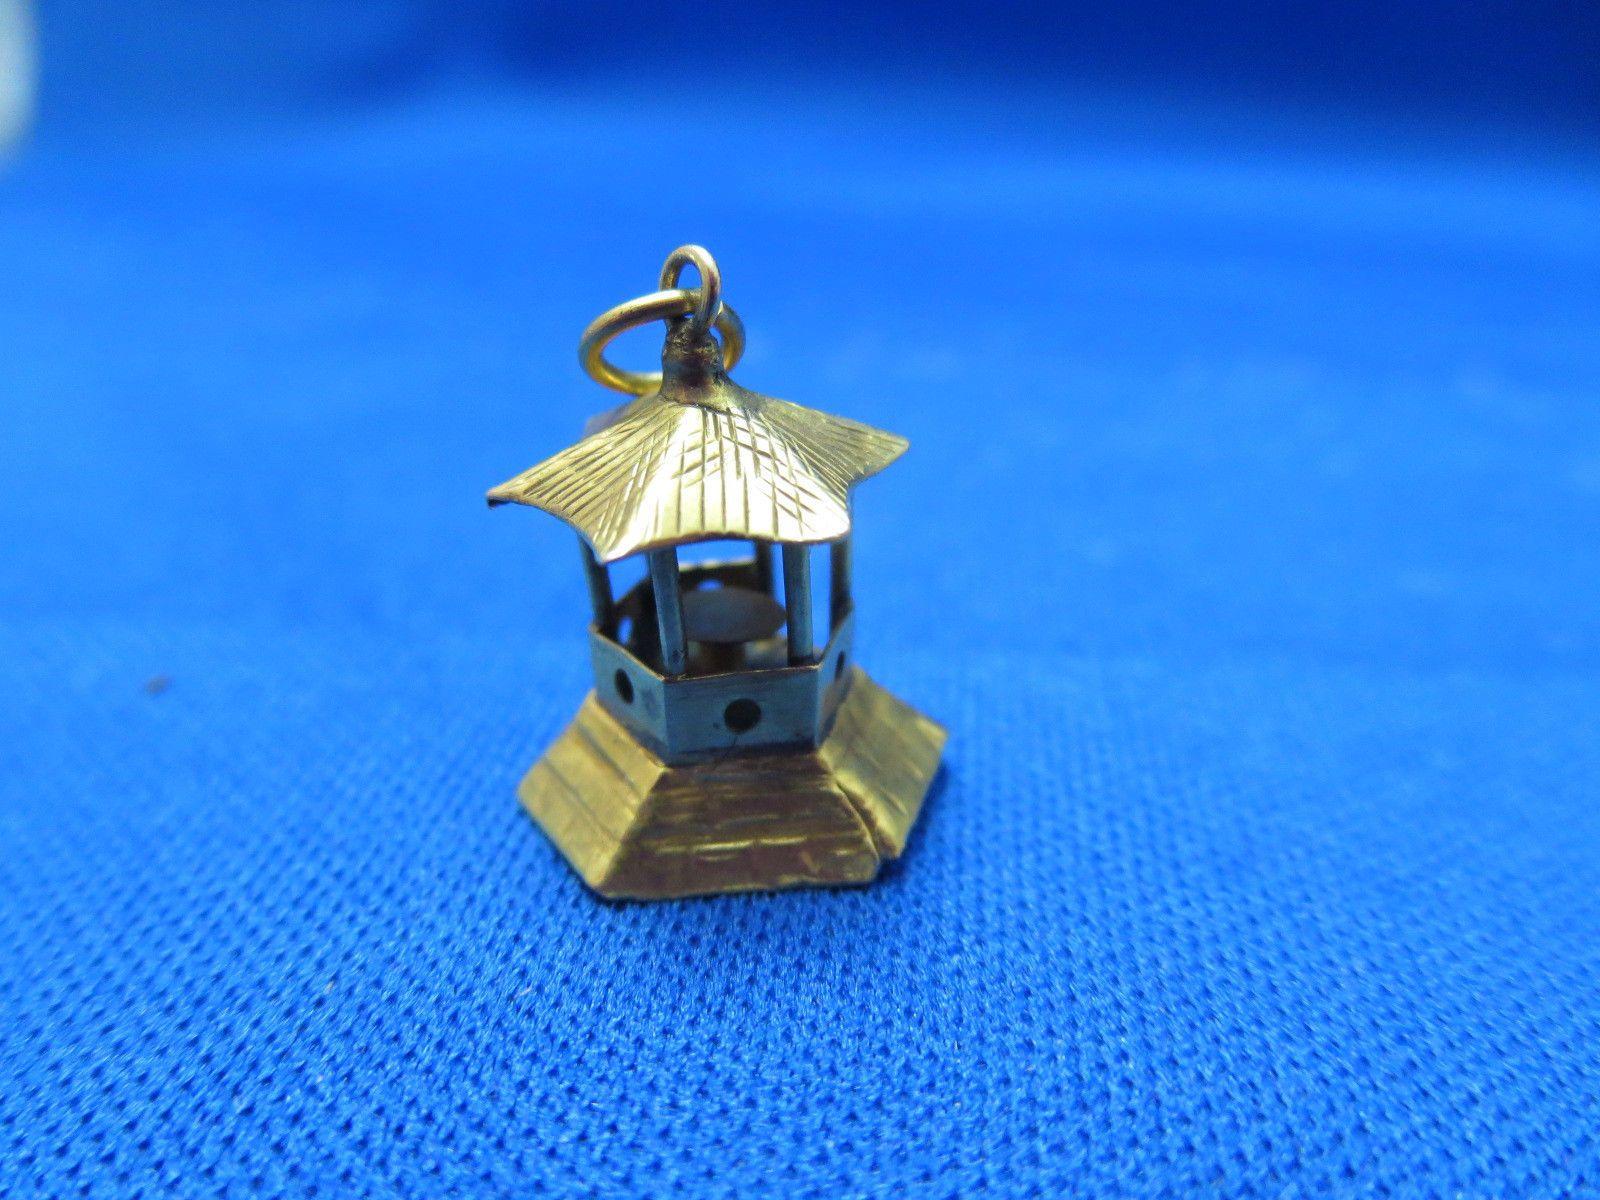 14k Yellow Gold Chinese Pagoda Charm Pendant 15mm x 12mm 1 Gram Buddhist Worship | eBay..